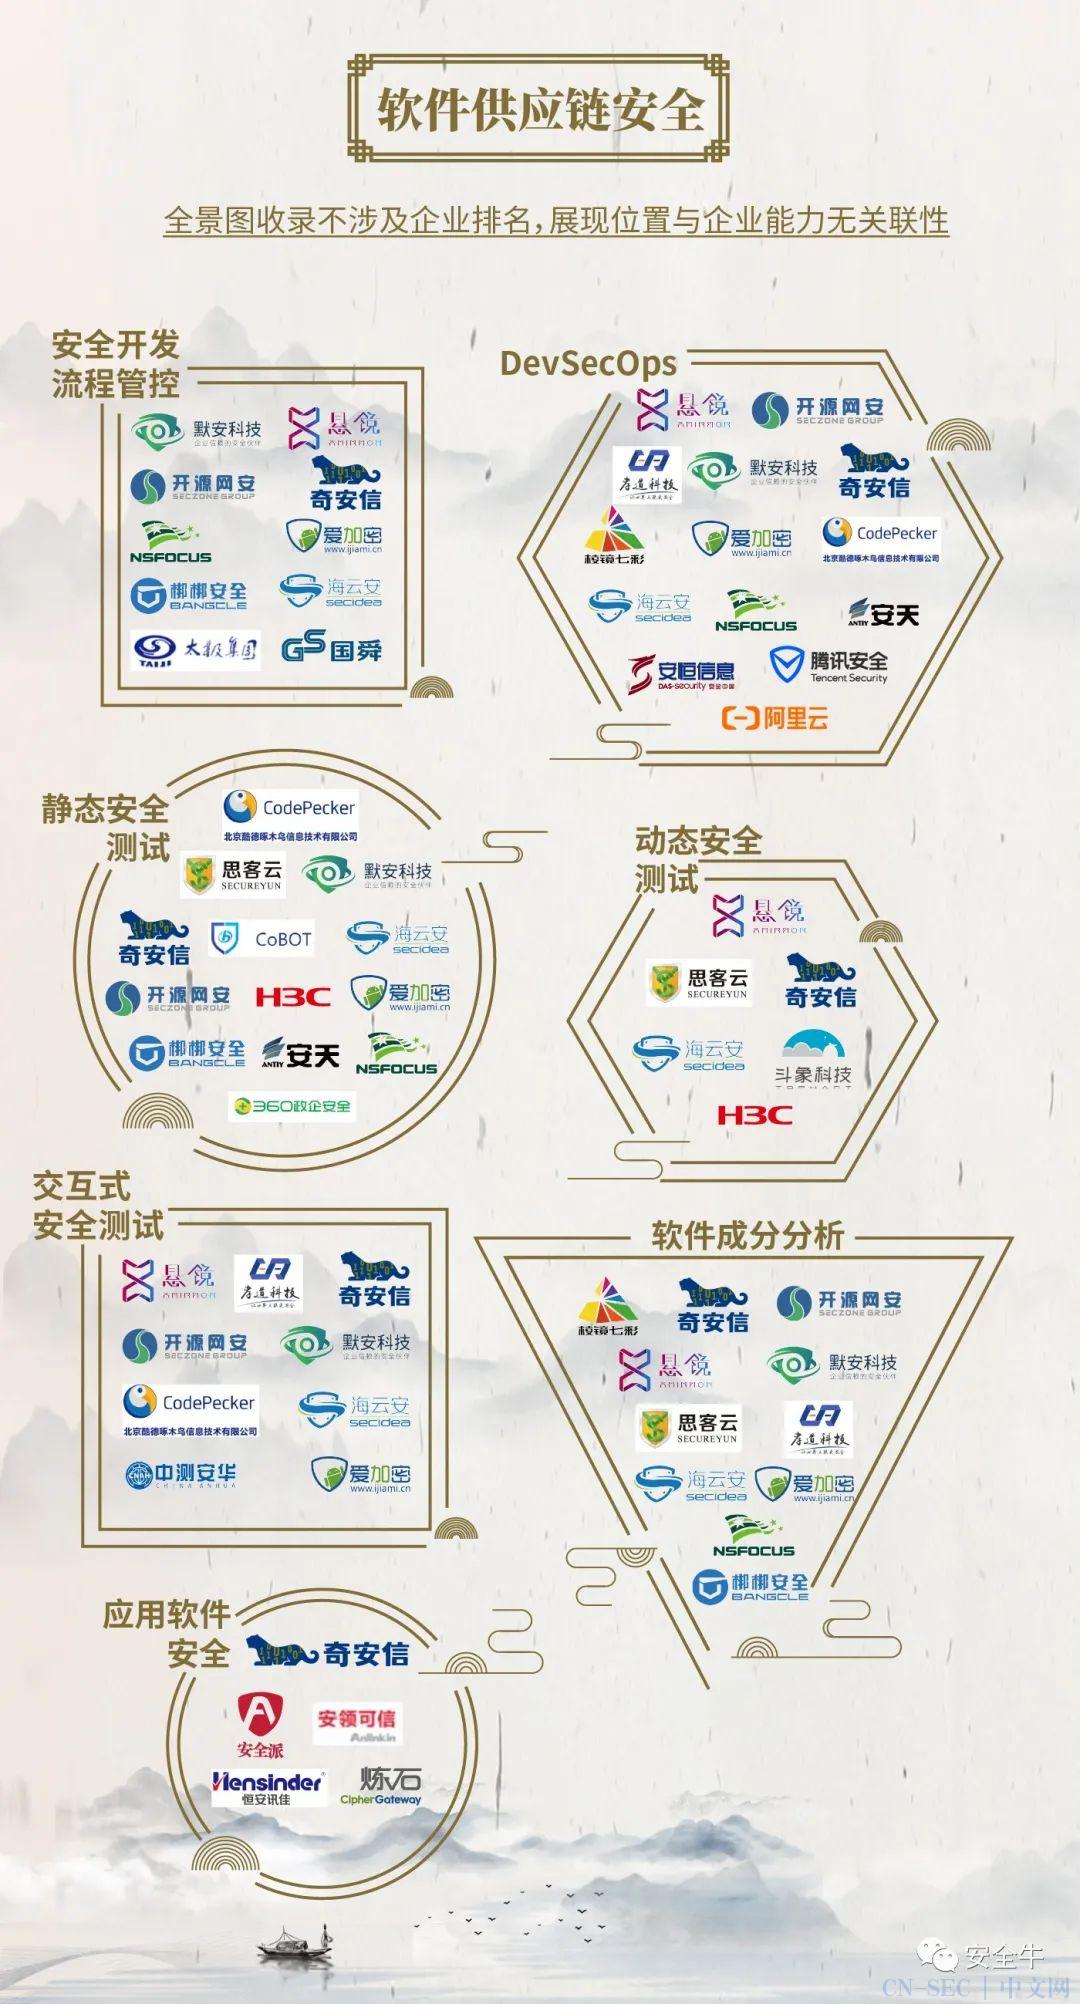 中国网络安全行业全景图(2021年3月第八版)发布